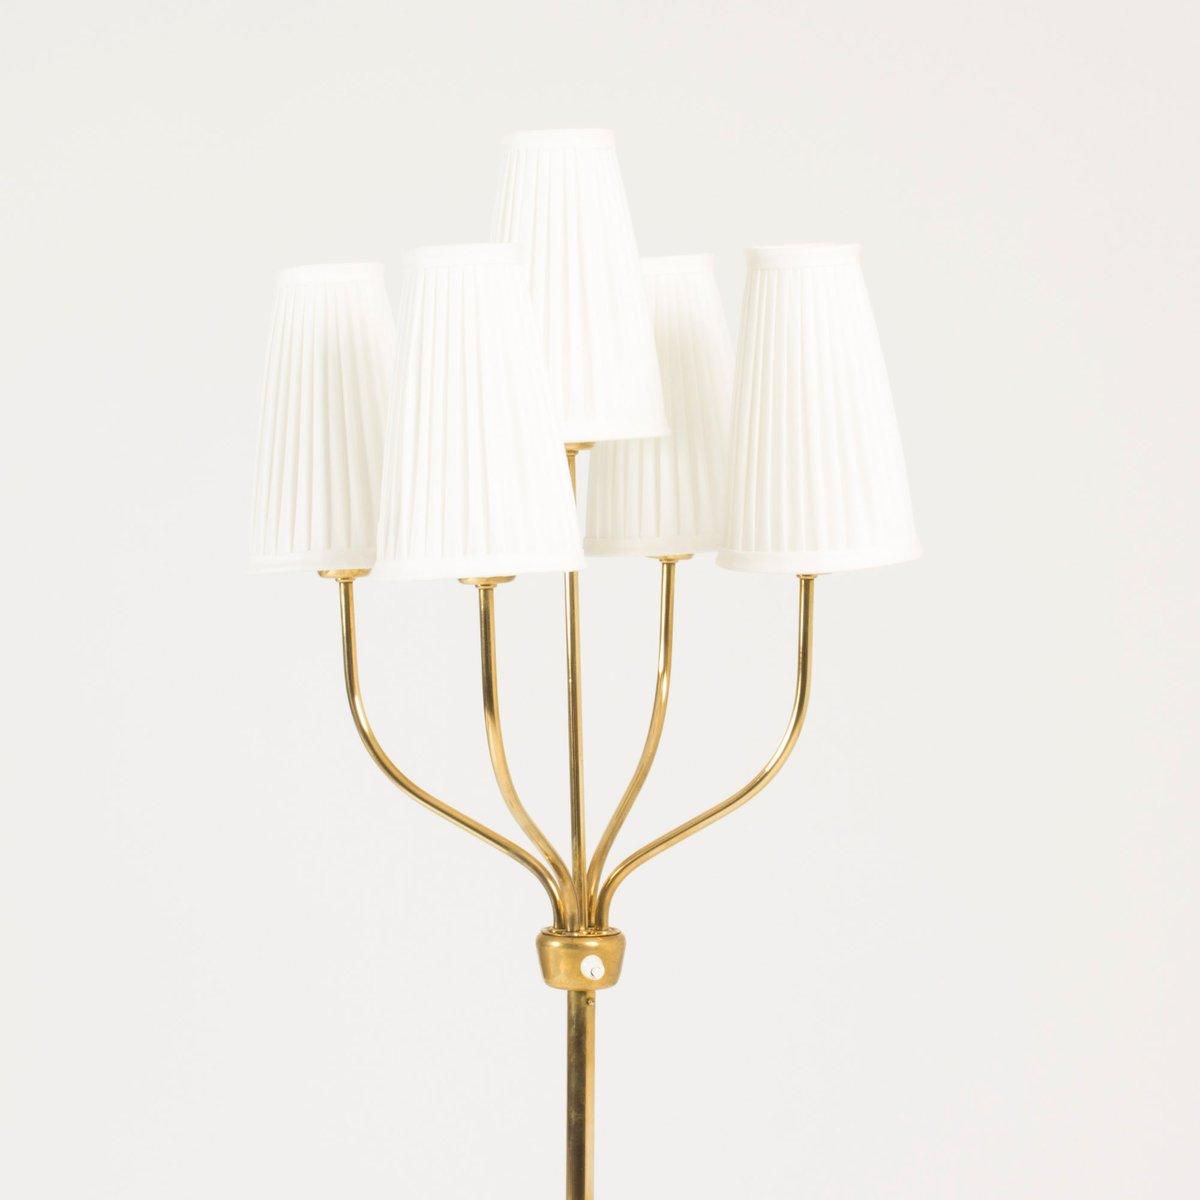 stehlampe mit 5 schirmen von hans bergstr m f r atelji lyktan 1950er bei pamono kaufen. Black Bedroom Furniture Sets. Home Design Ideas